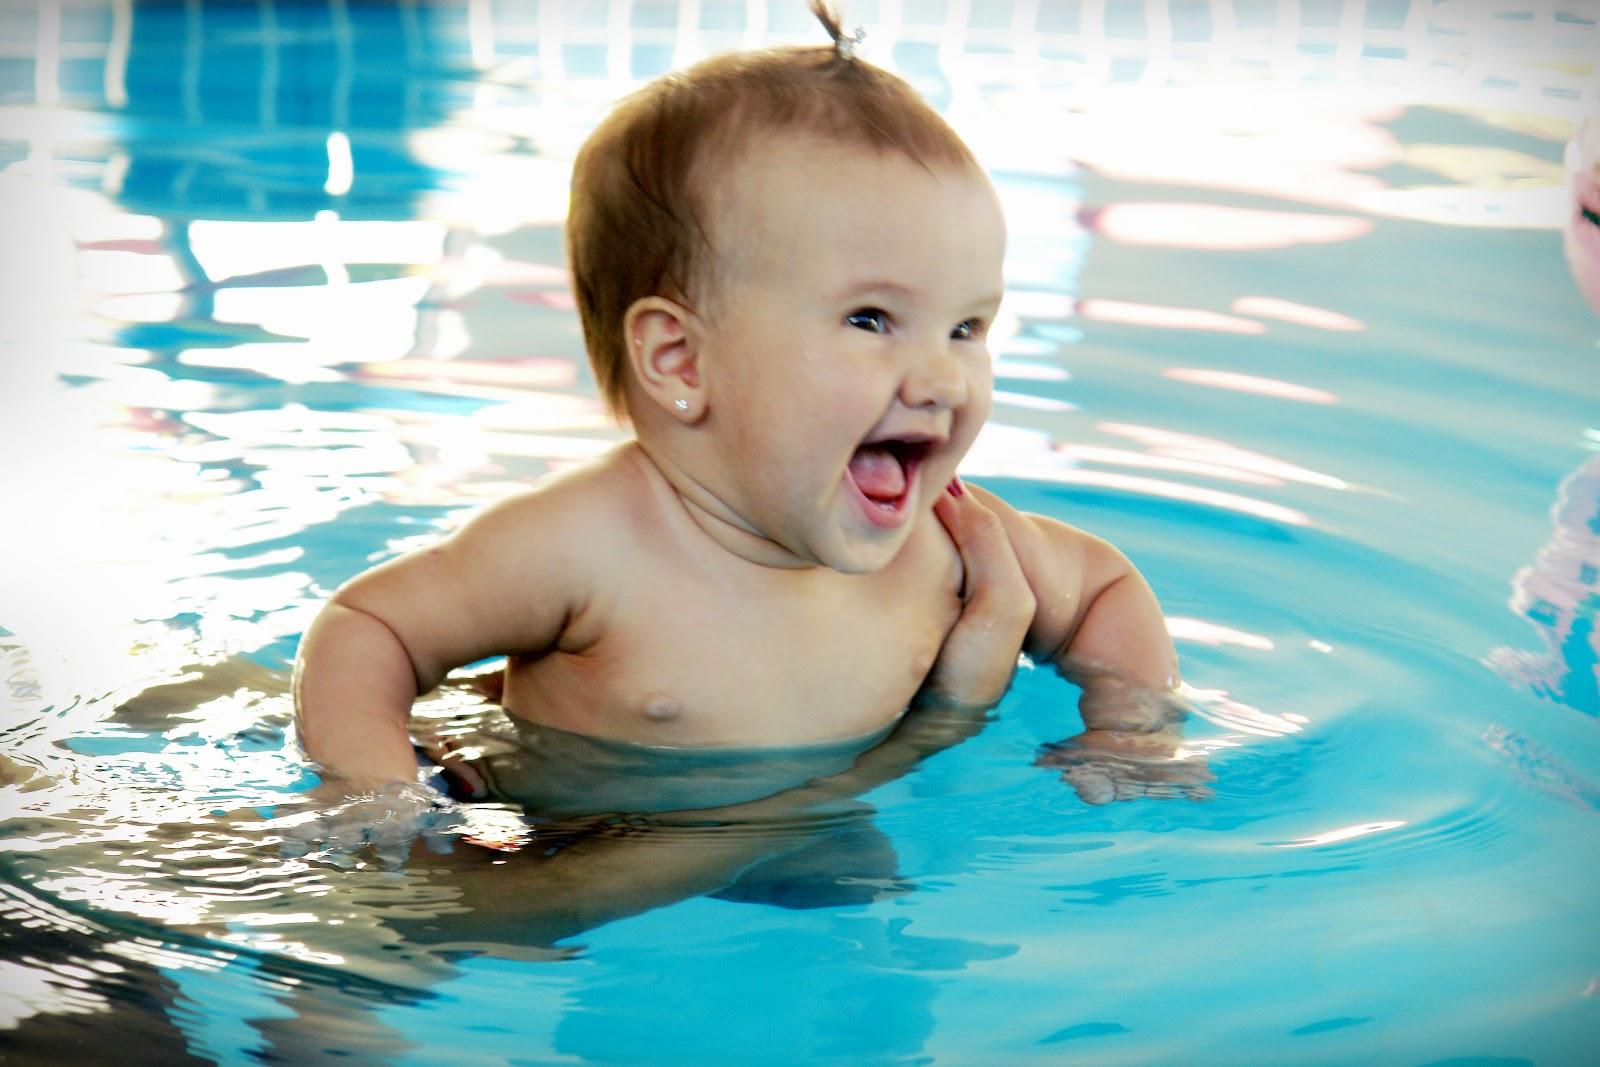 Aulas de Natação diminuem em 88% o risco de afogamento de crianças - Portal Vipzinho